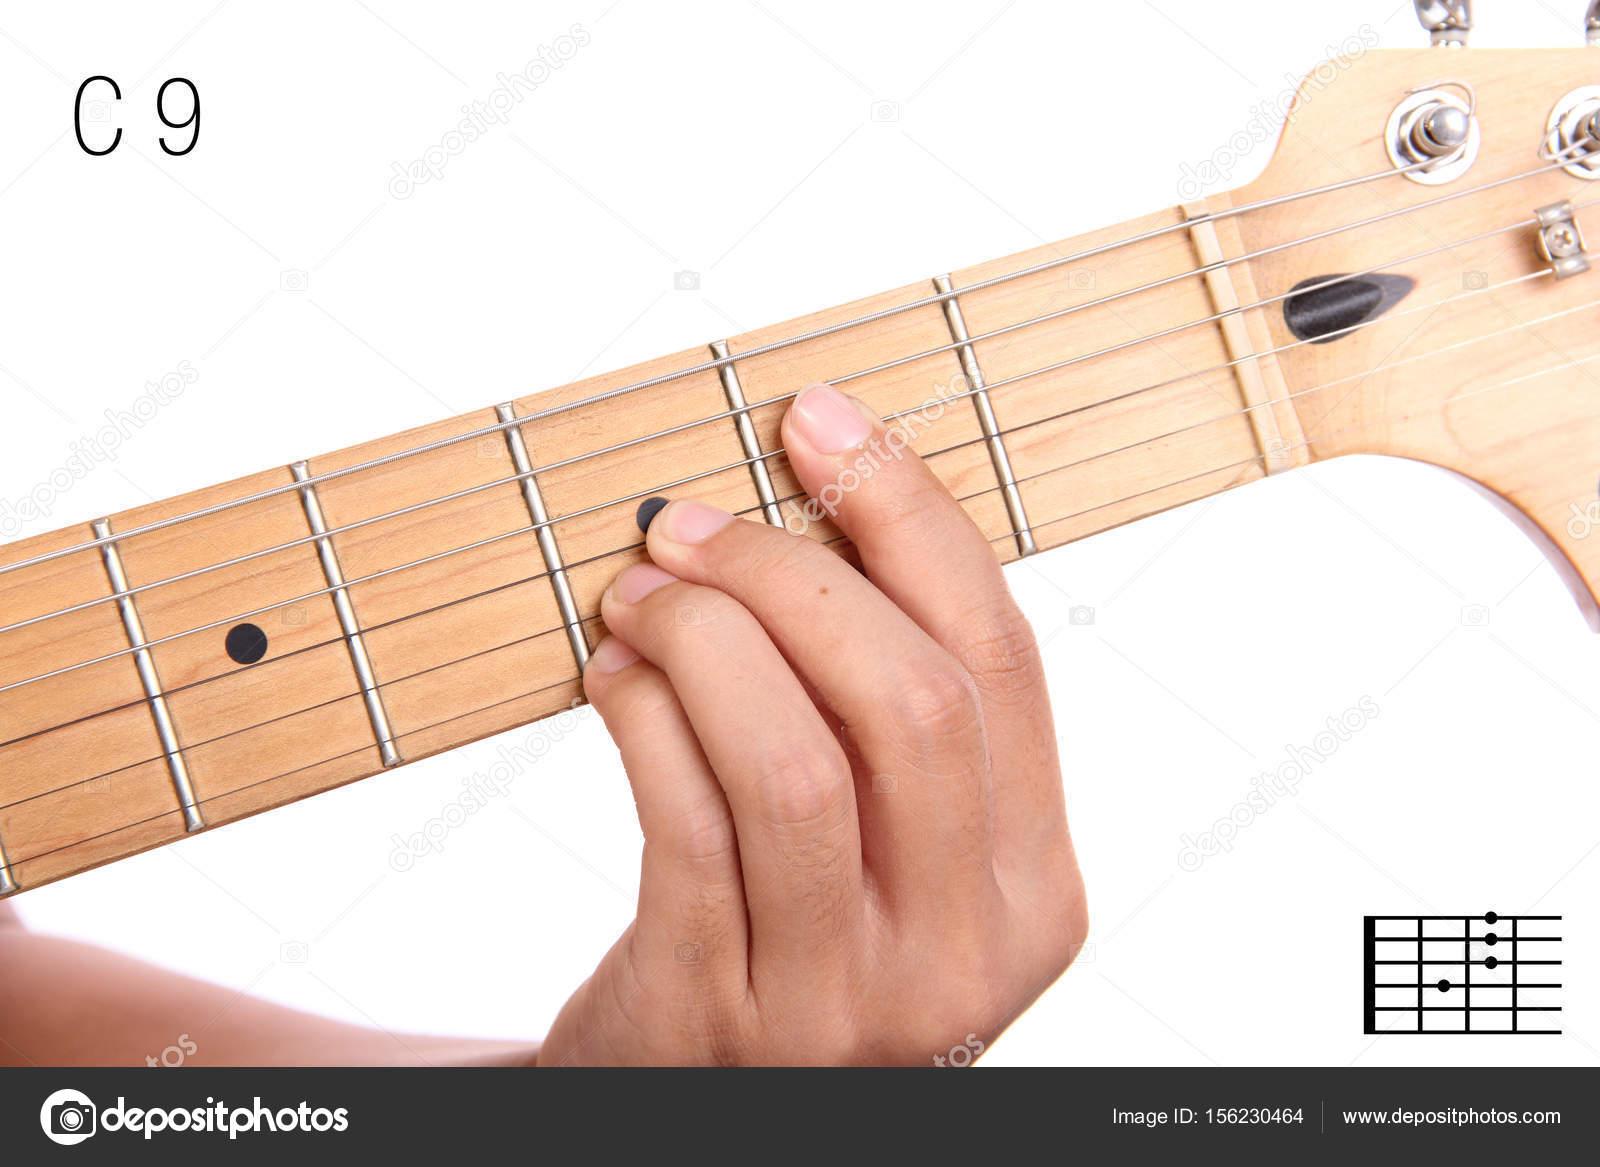 C9 Guitar Chord Tutorial Stock Photo Pepscostudio 156230464